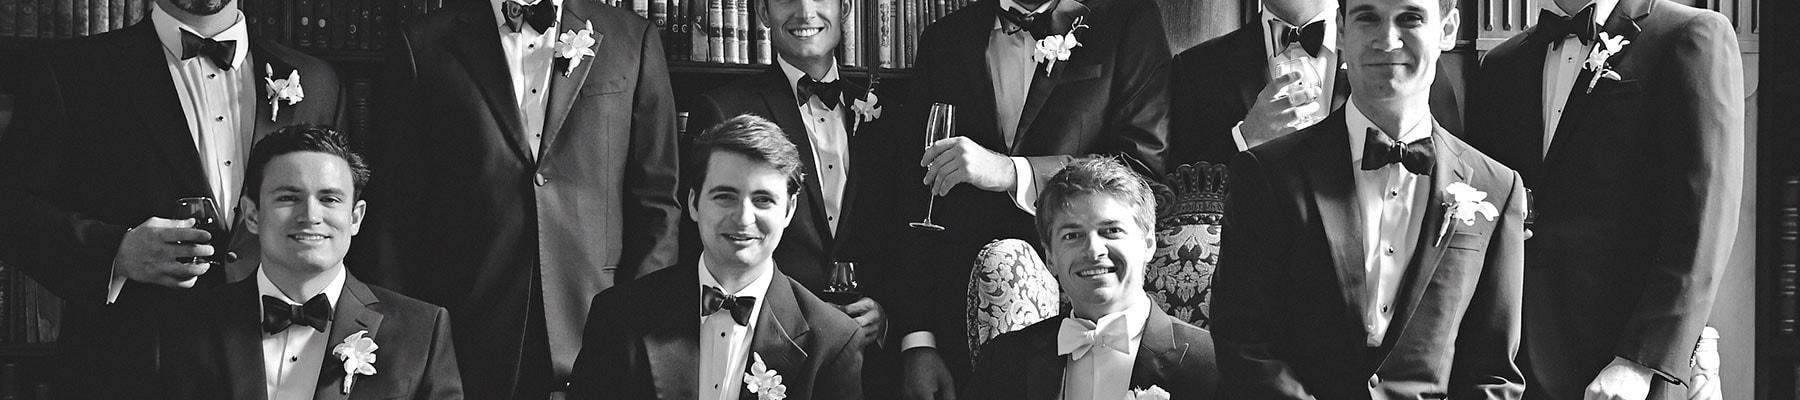 Bryllup på fyn - Holckenhavn Slot